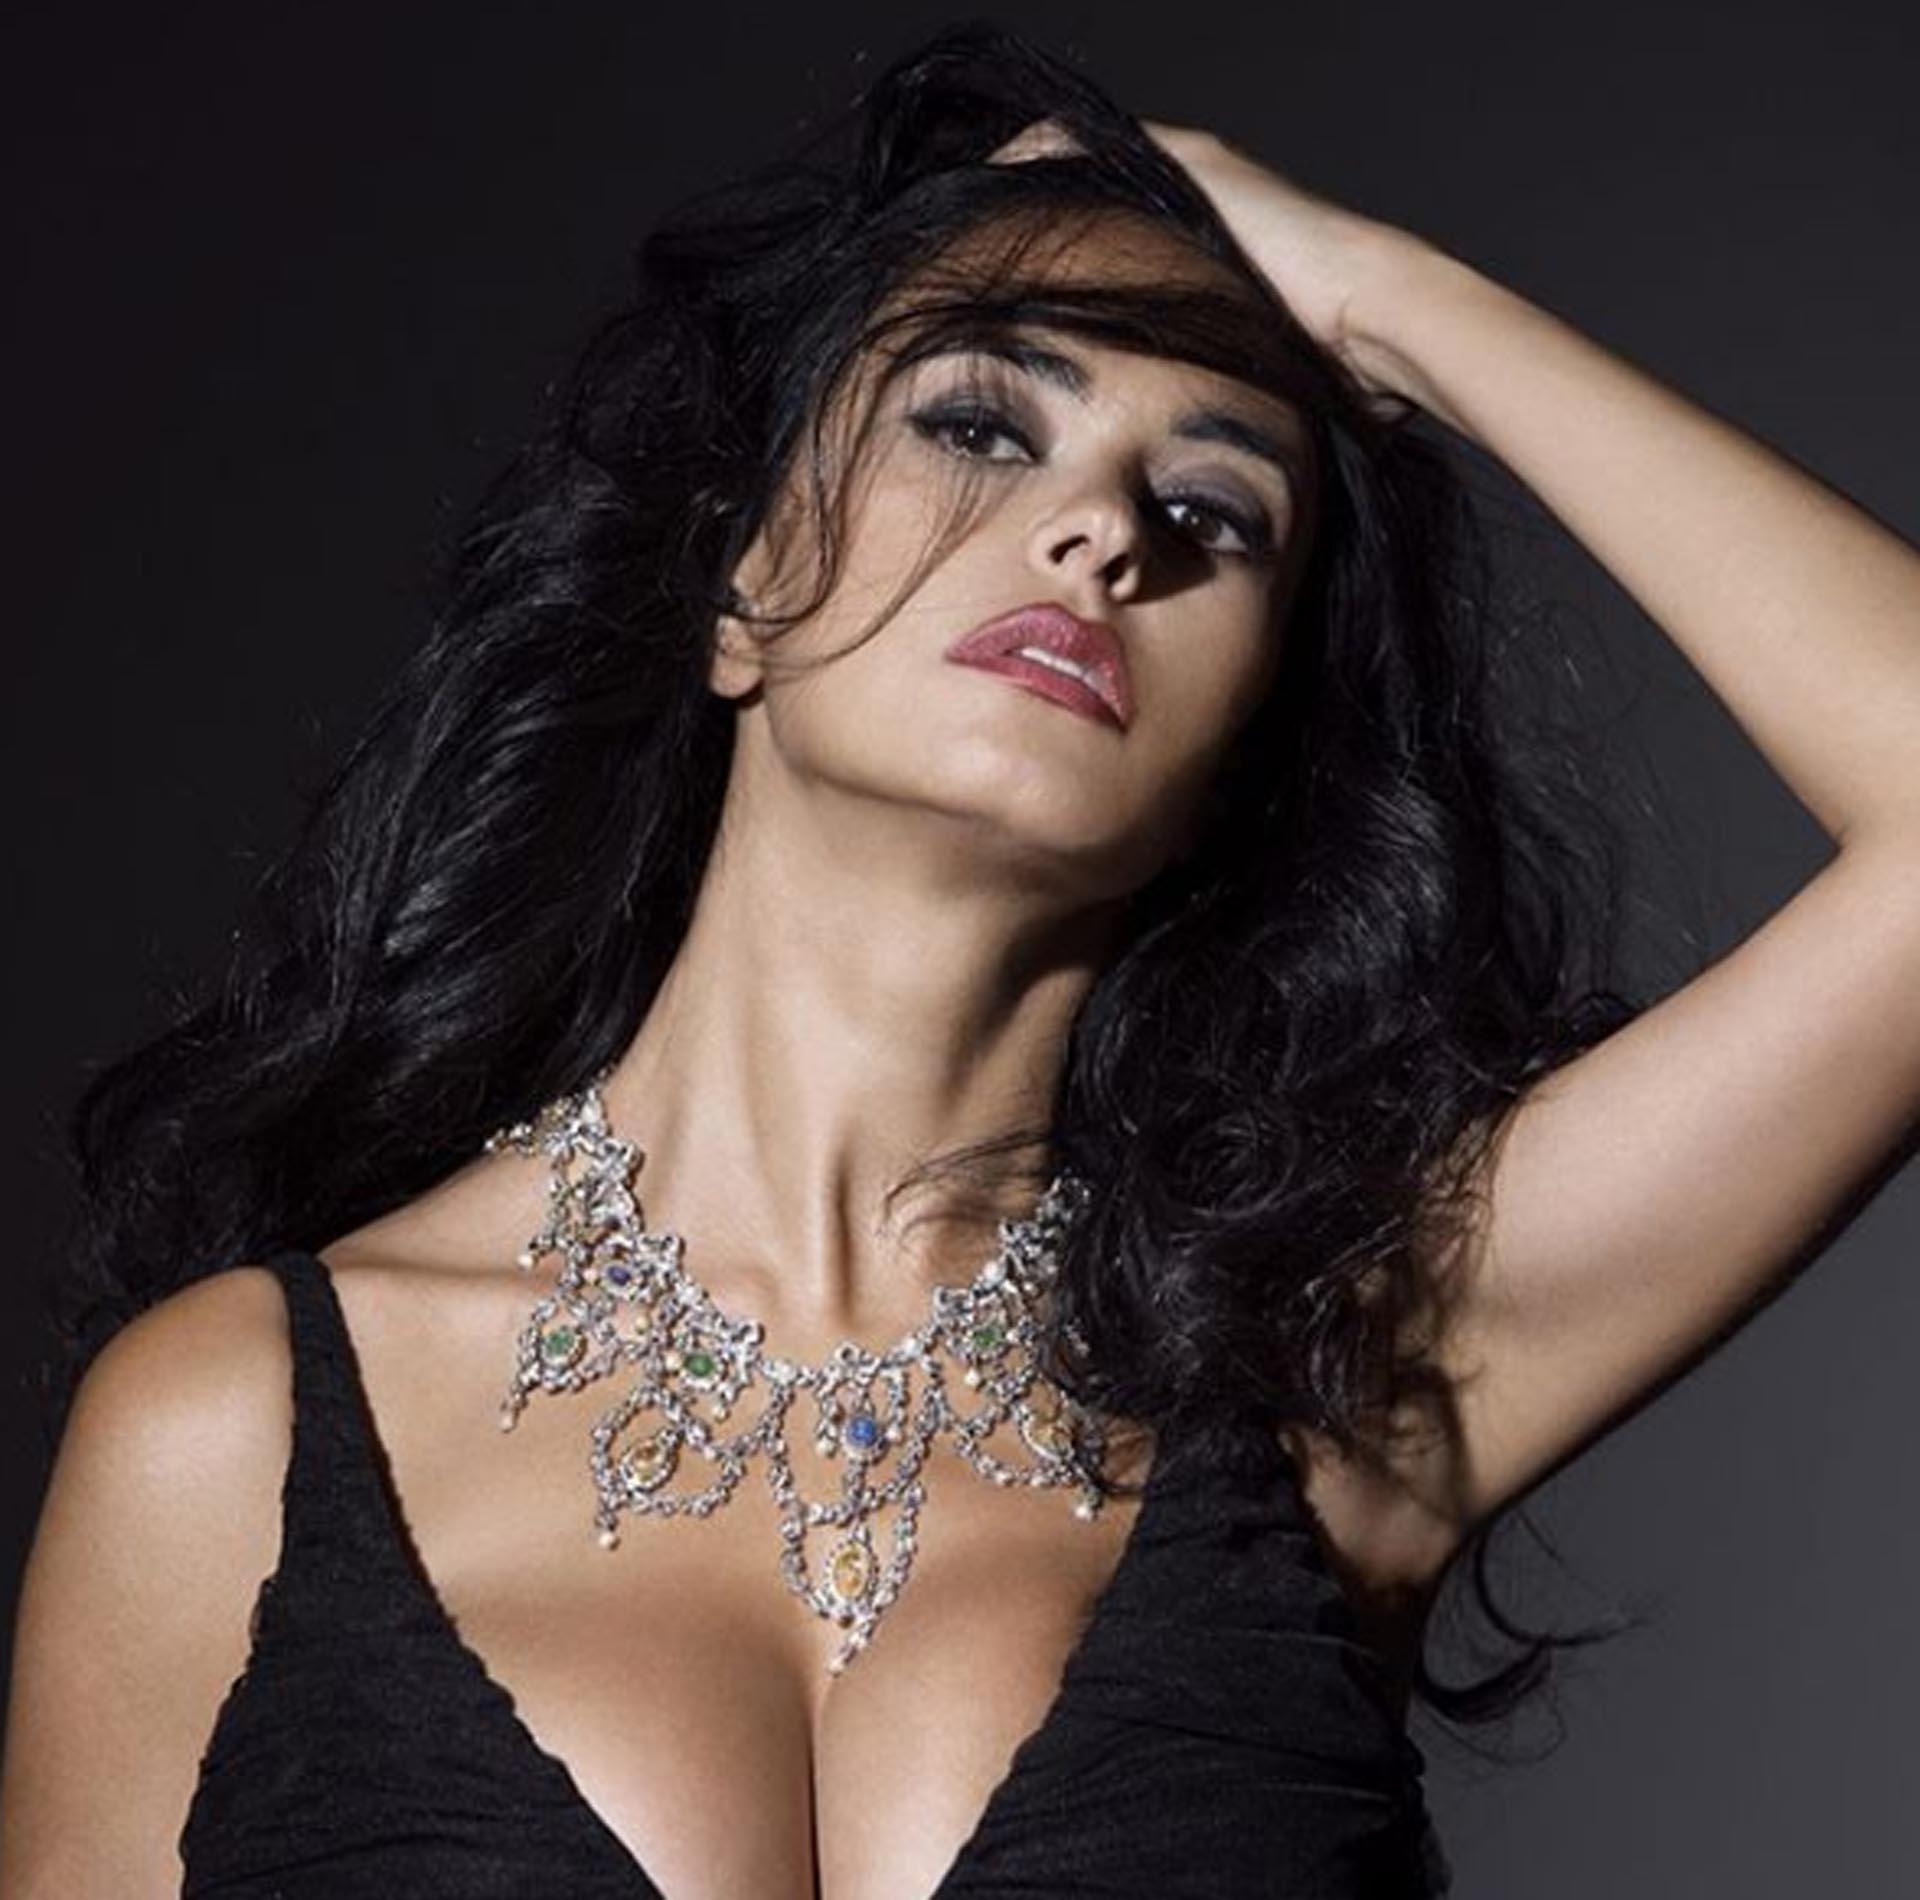 Nacida en Mesina (Sicilia), la actriz cumplirá medio siglo de vida el próximo 27 de julio